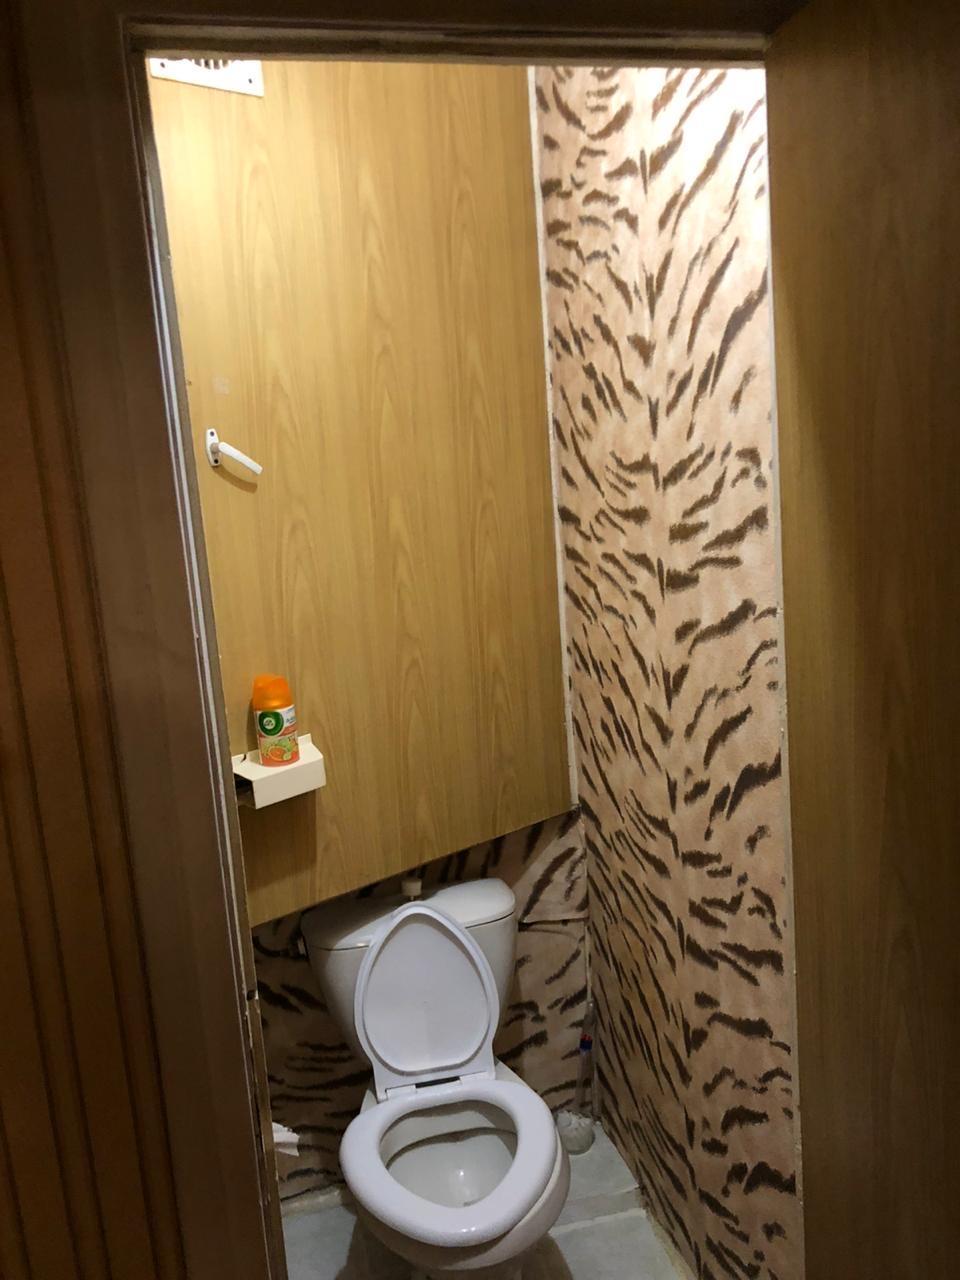 Квартира, 2 комнаты, 60 м² в Котельниках 89175341747 купить 9